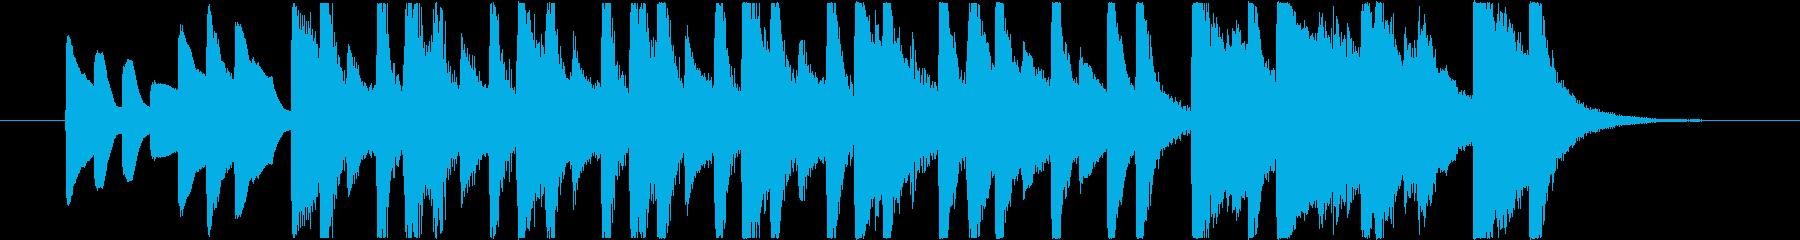 コミカルで可愛いBGMの再生済みの波形